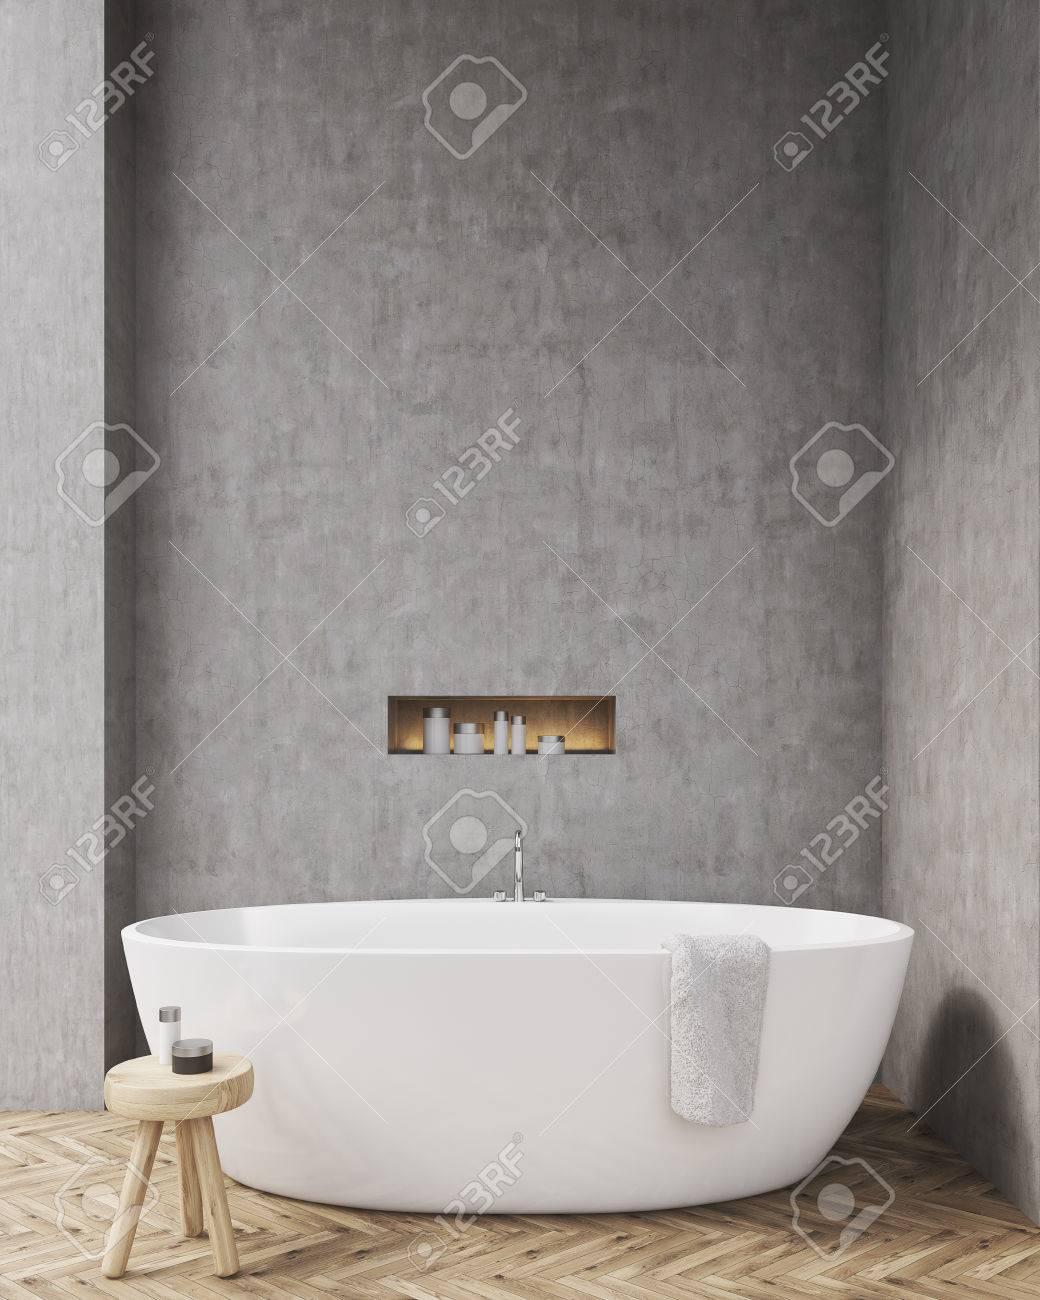 Salle De Bains Avec Des Murs En B Ton Plancher En Bois Une Chaise